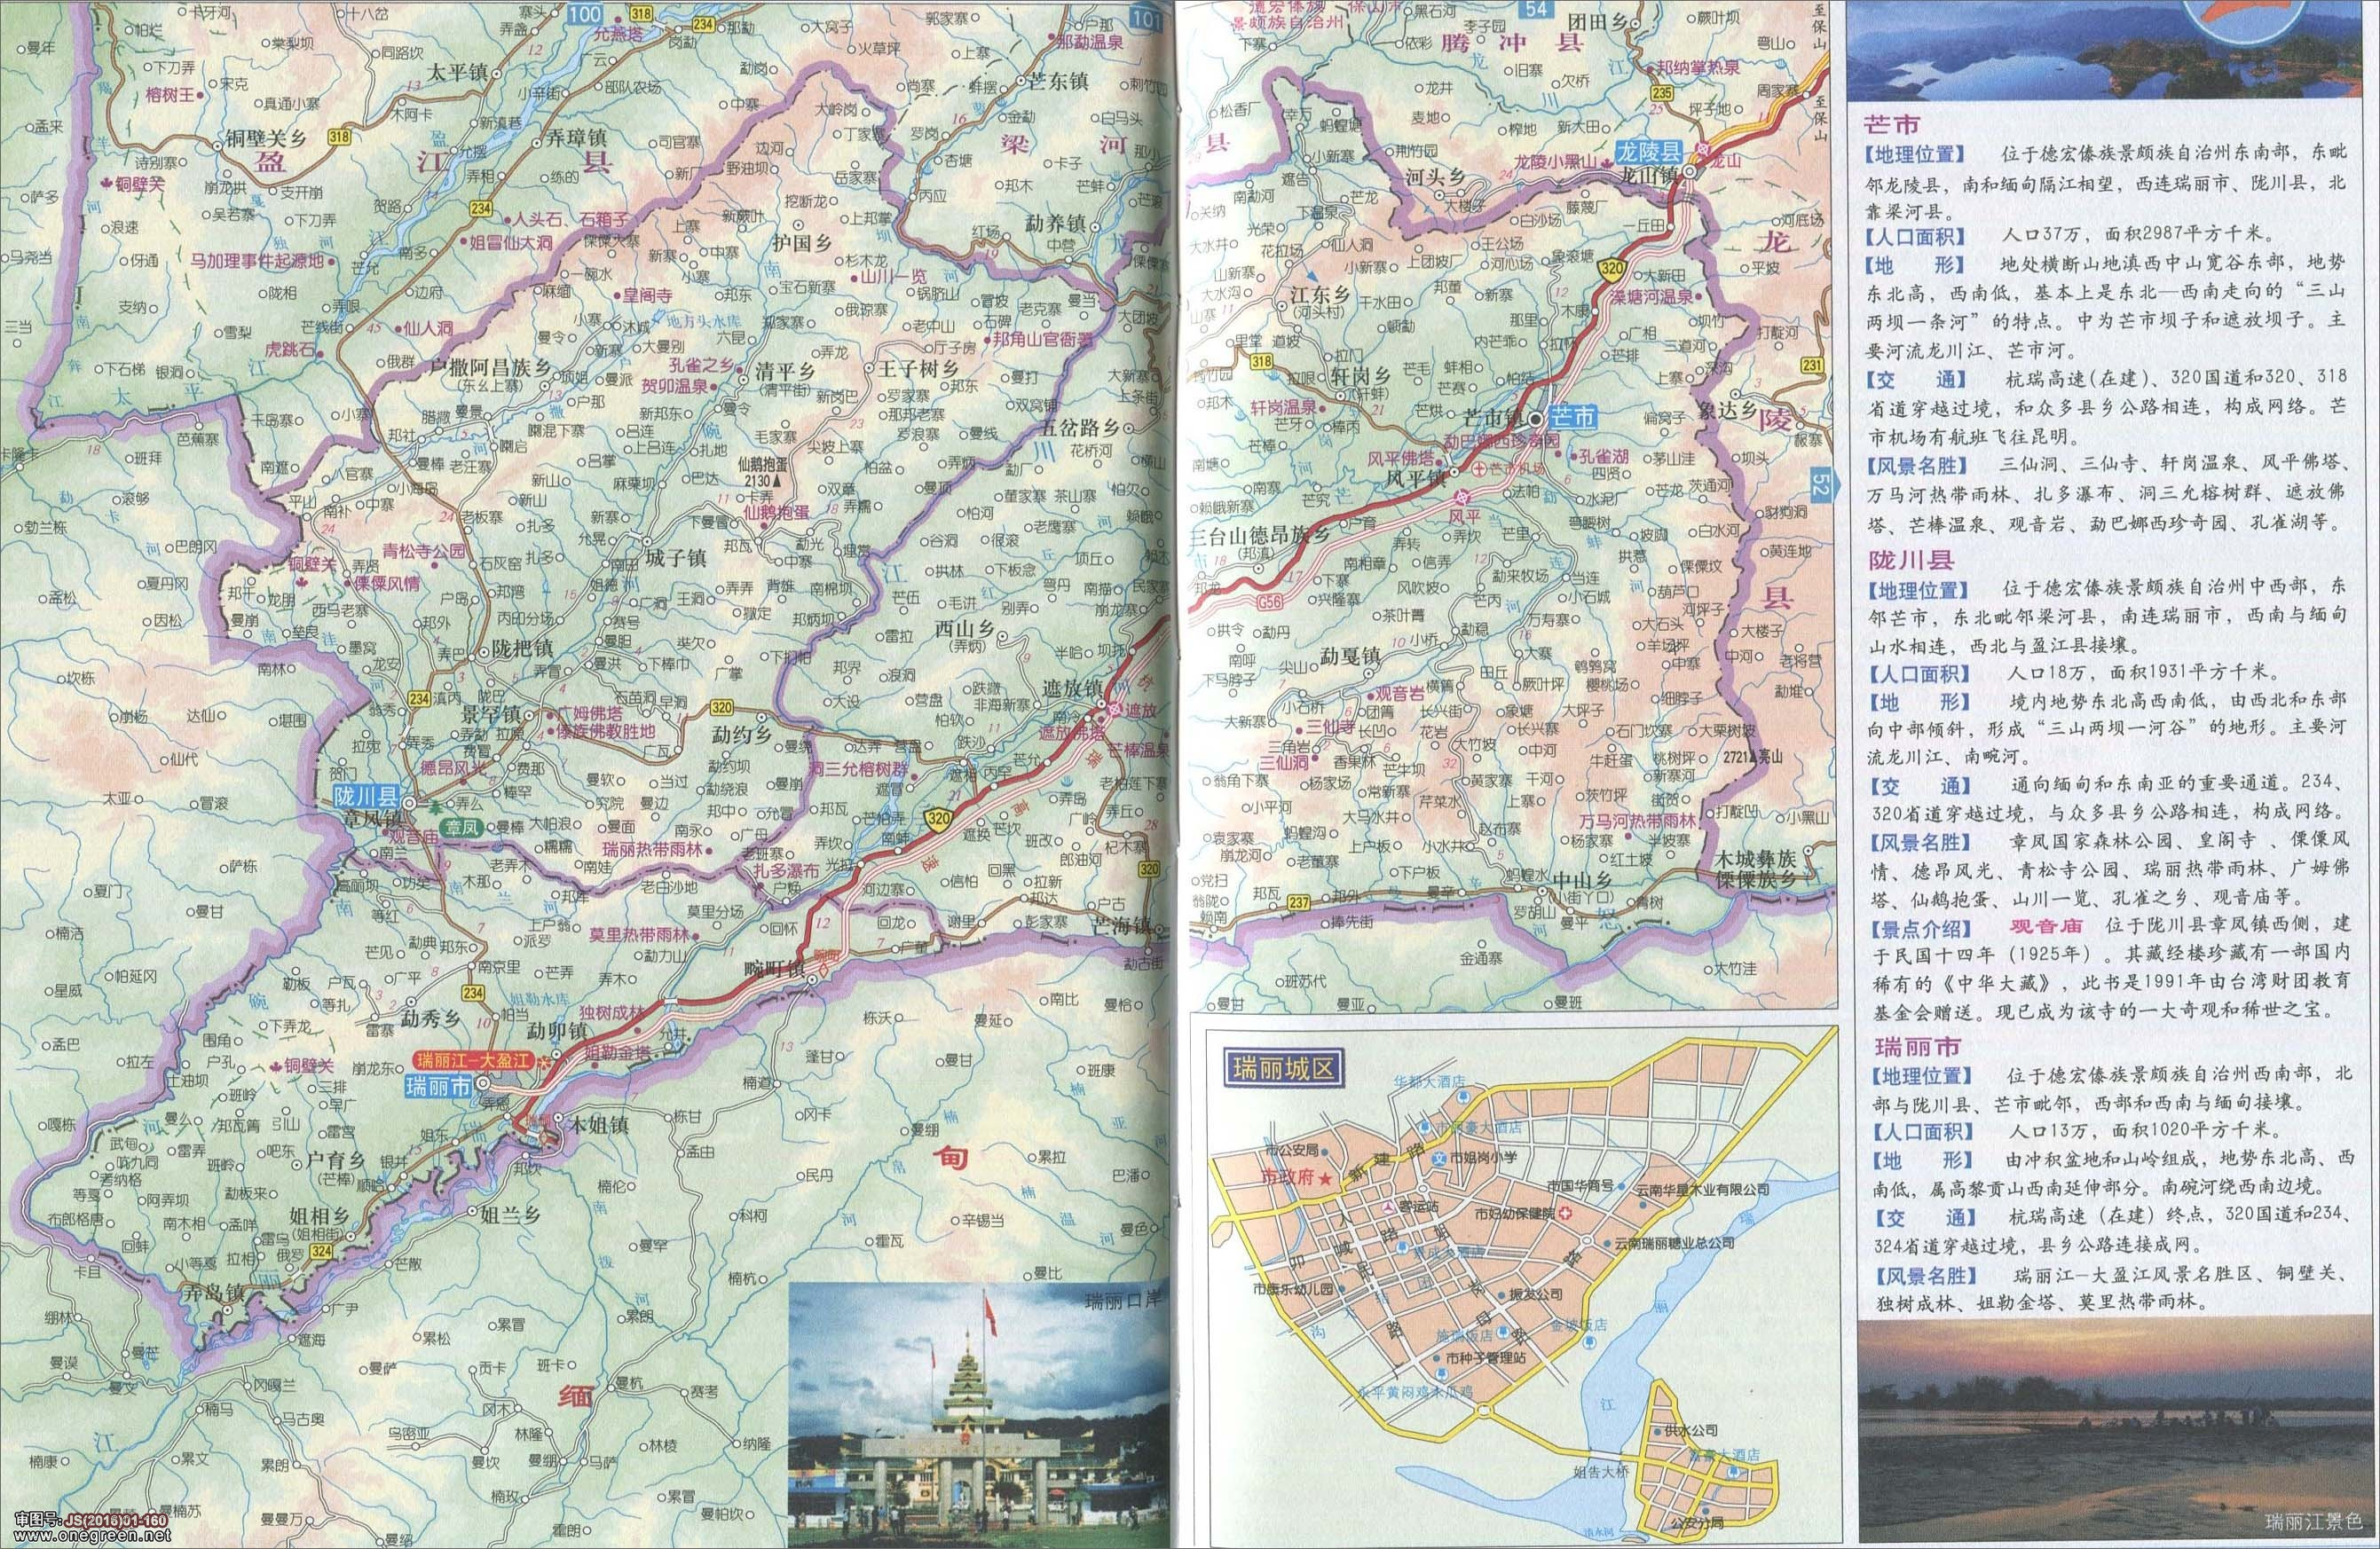 芒市 陇川县 瑞丽市地图图片